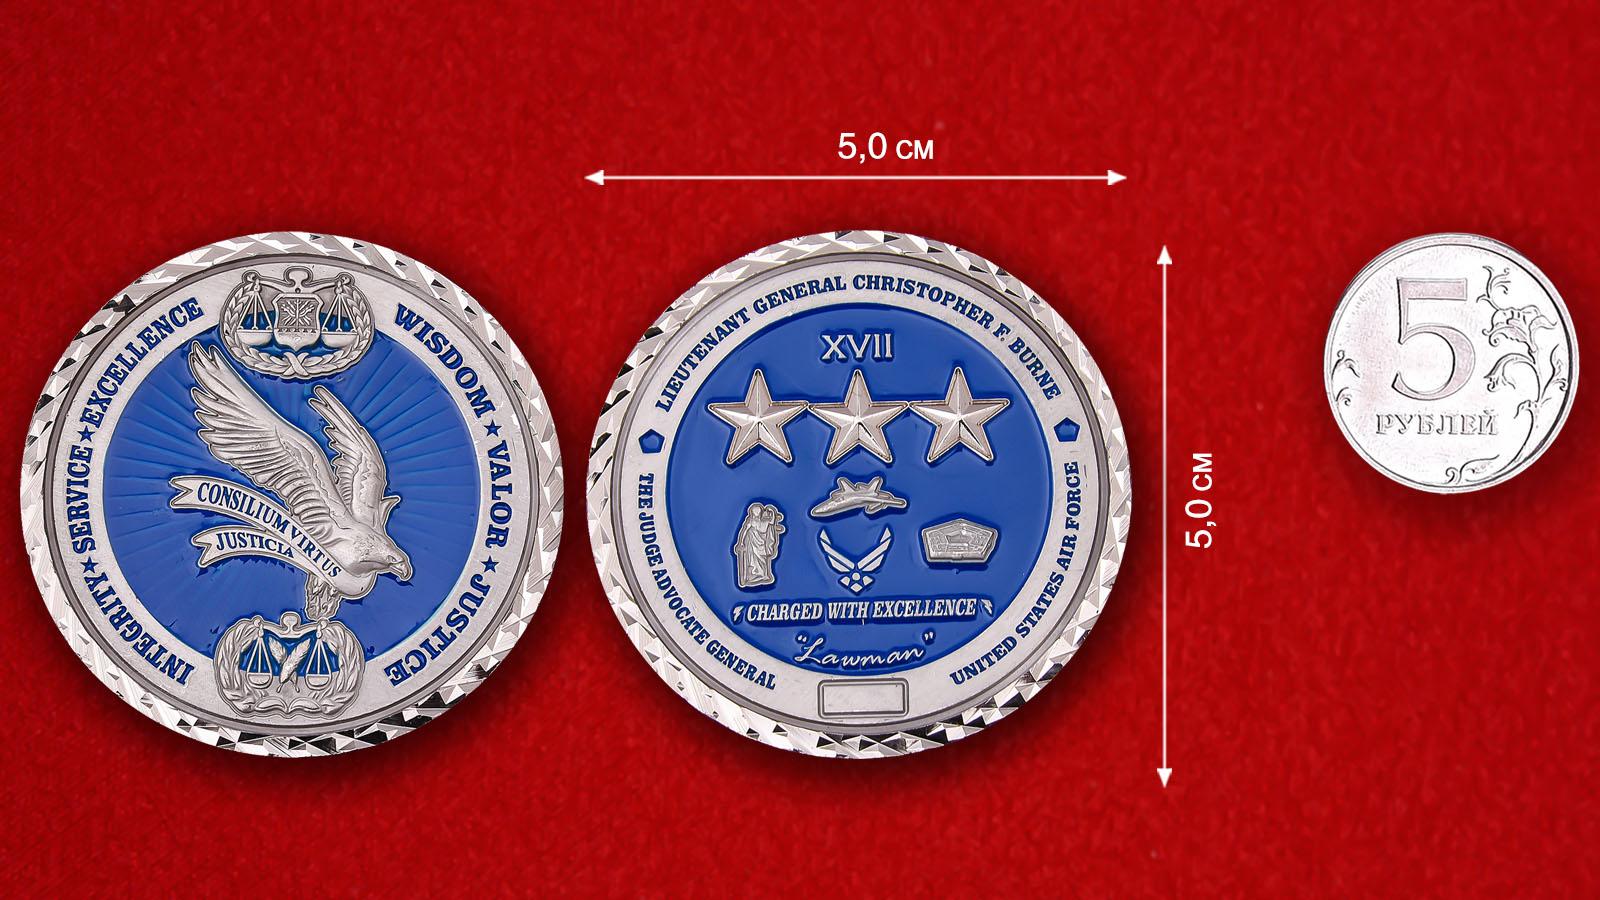 USAF The Judge Advocate General Lt.-Gen. Christopher F. Burne Challenge Coin